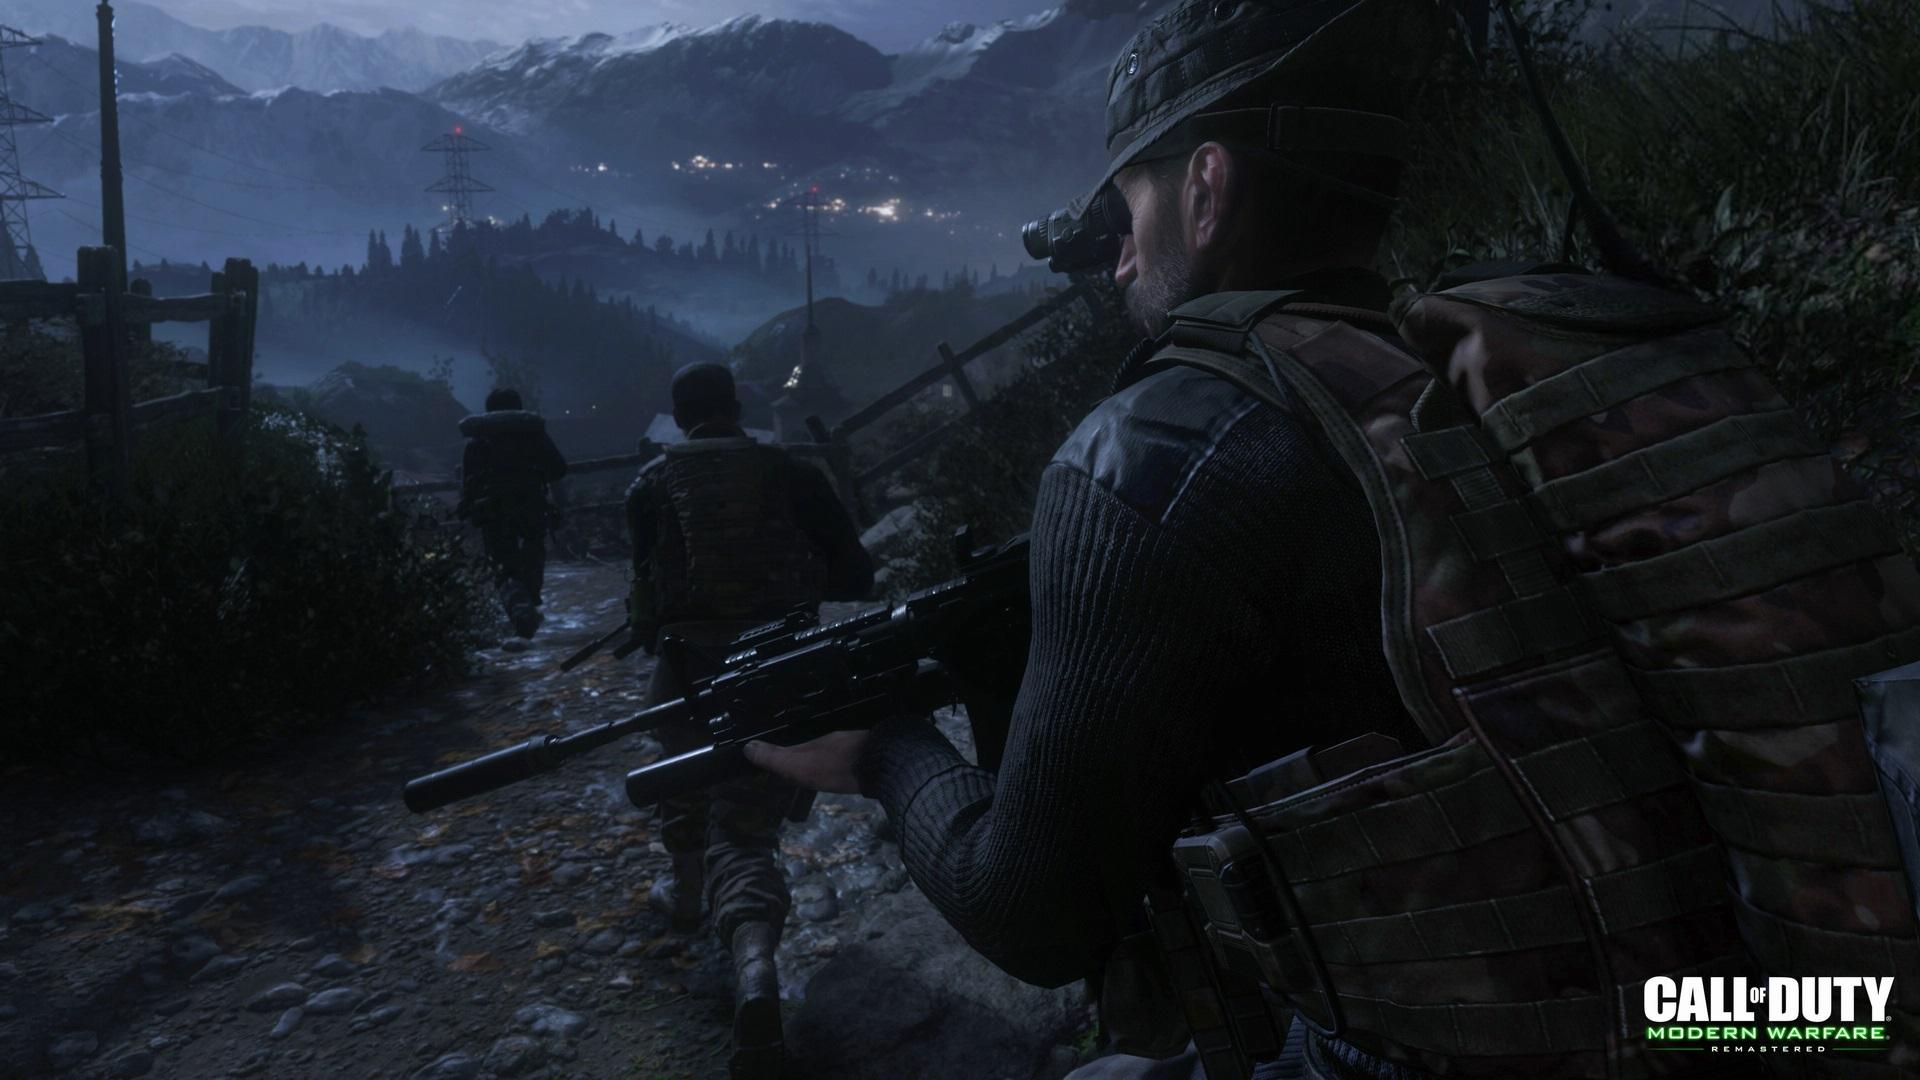 Nové screenshoty z Call of Duty: Modern Warfare Remastered ukazují známé mise 131756